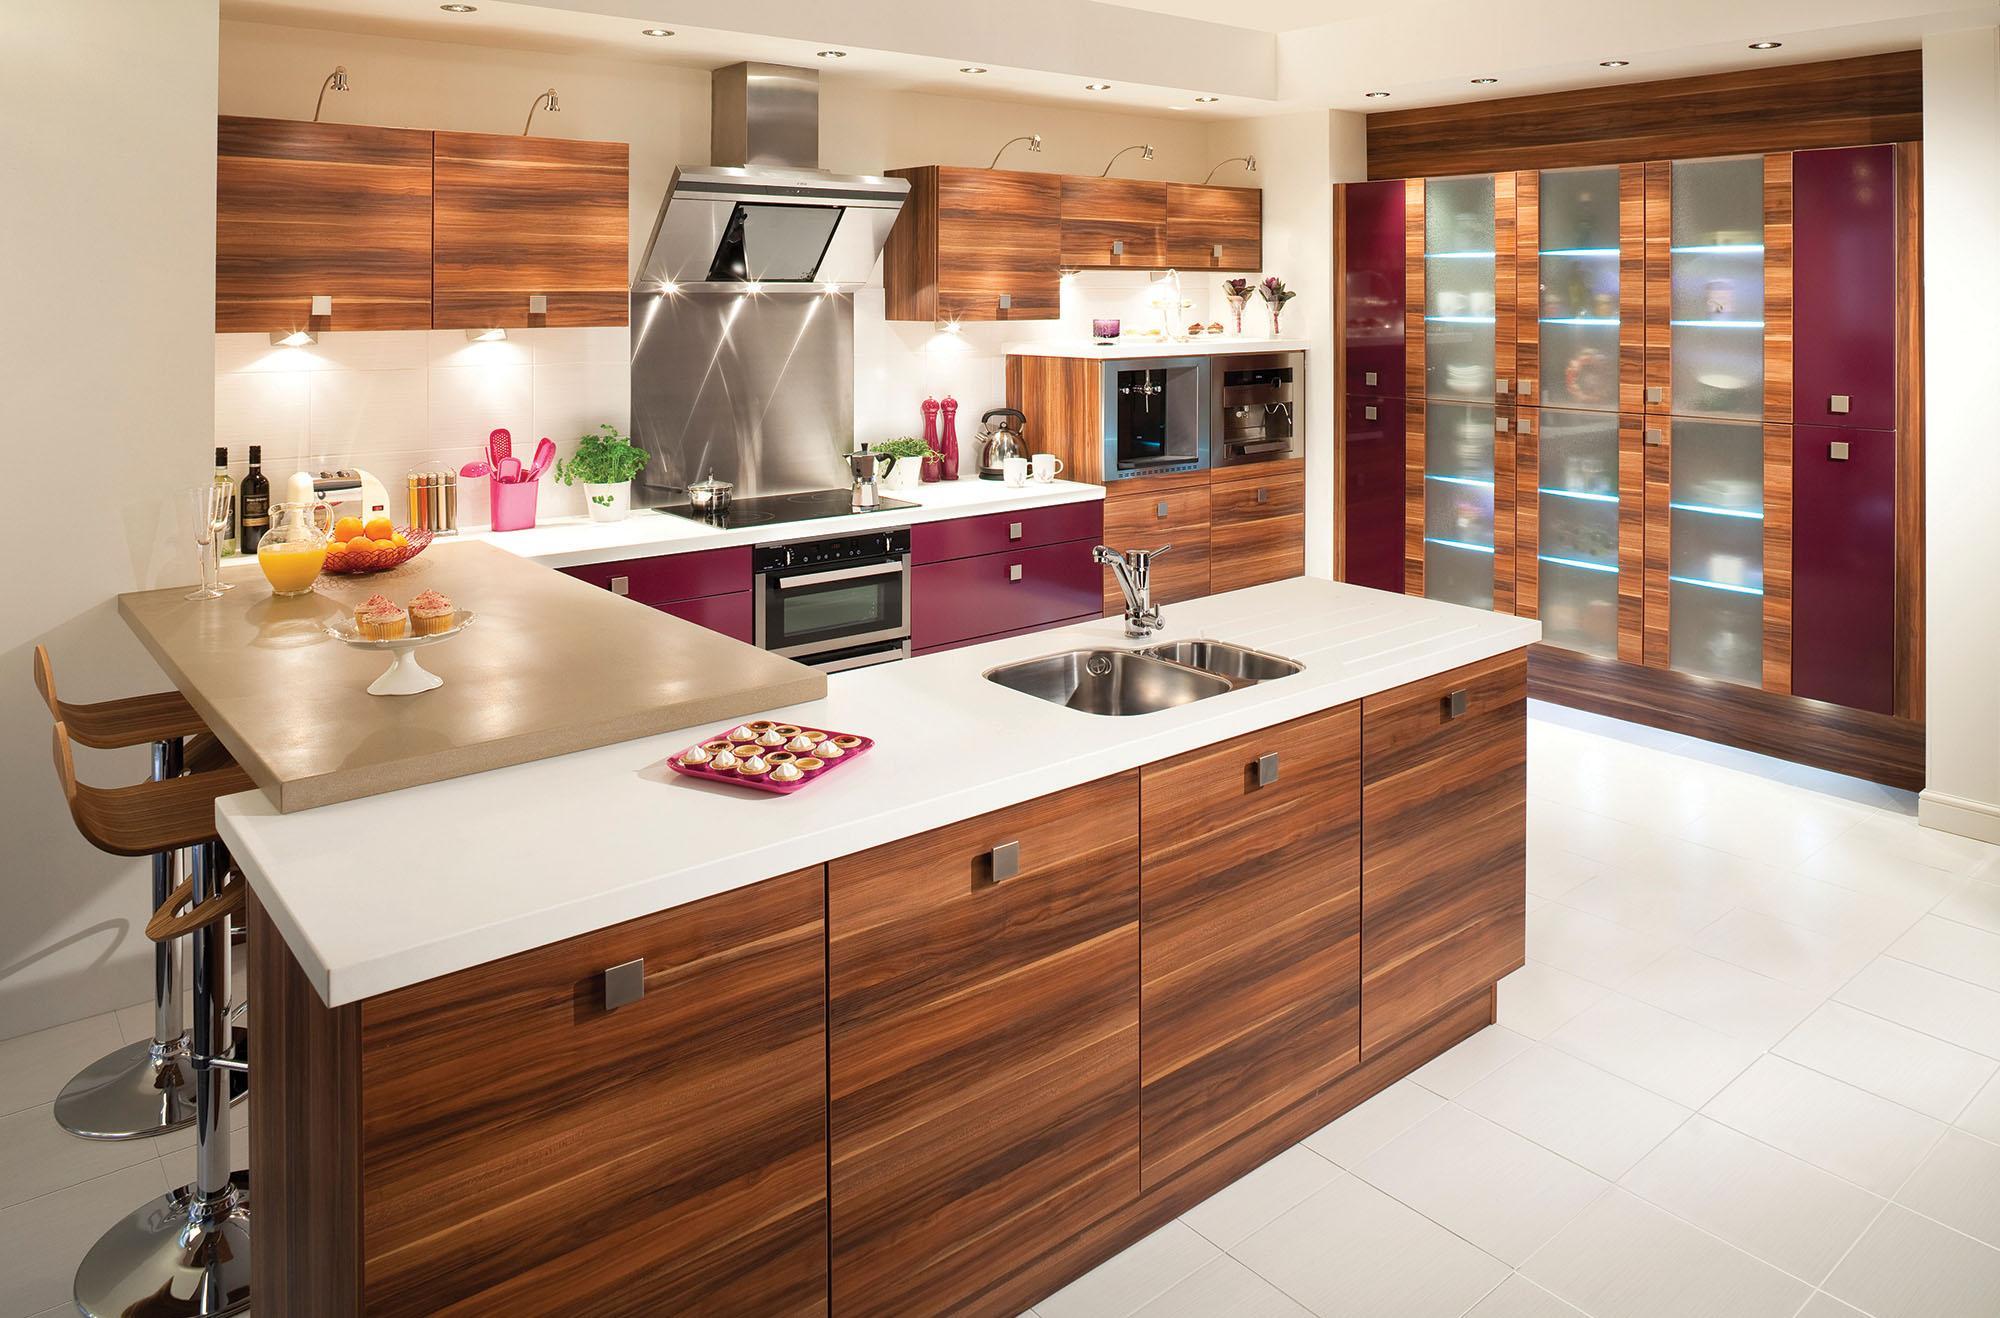 Барная стойка, совмещенная со столешницей на кухне